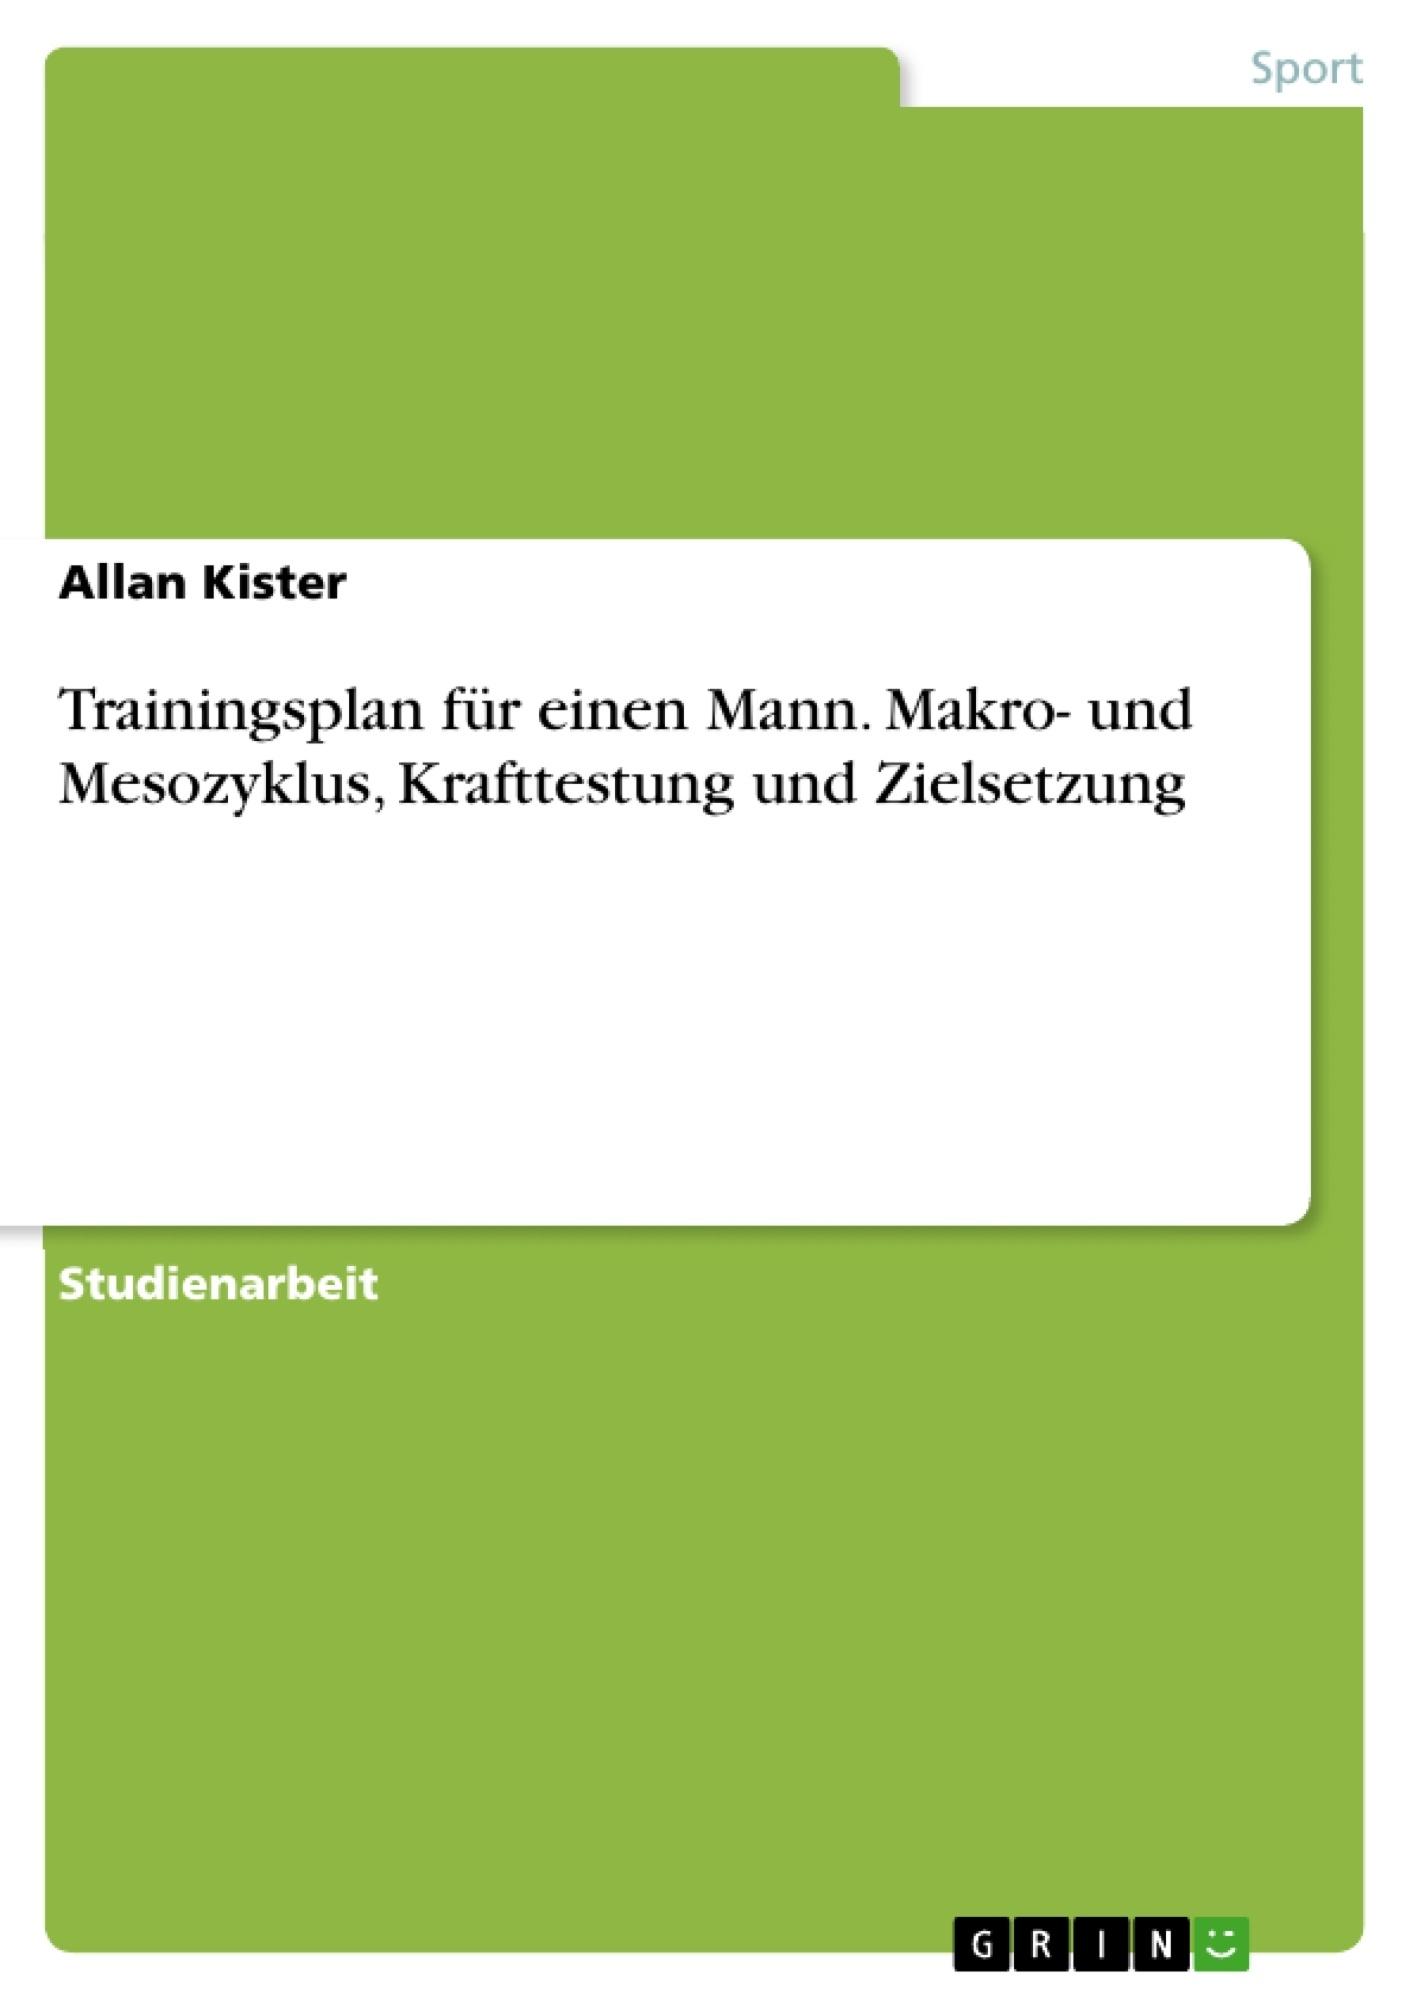 Titel: Trainingsplan für einen Mann. Makro- und Mesozyklus, Krafttestung und Zielsetzung